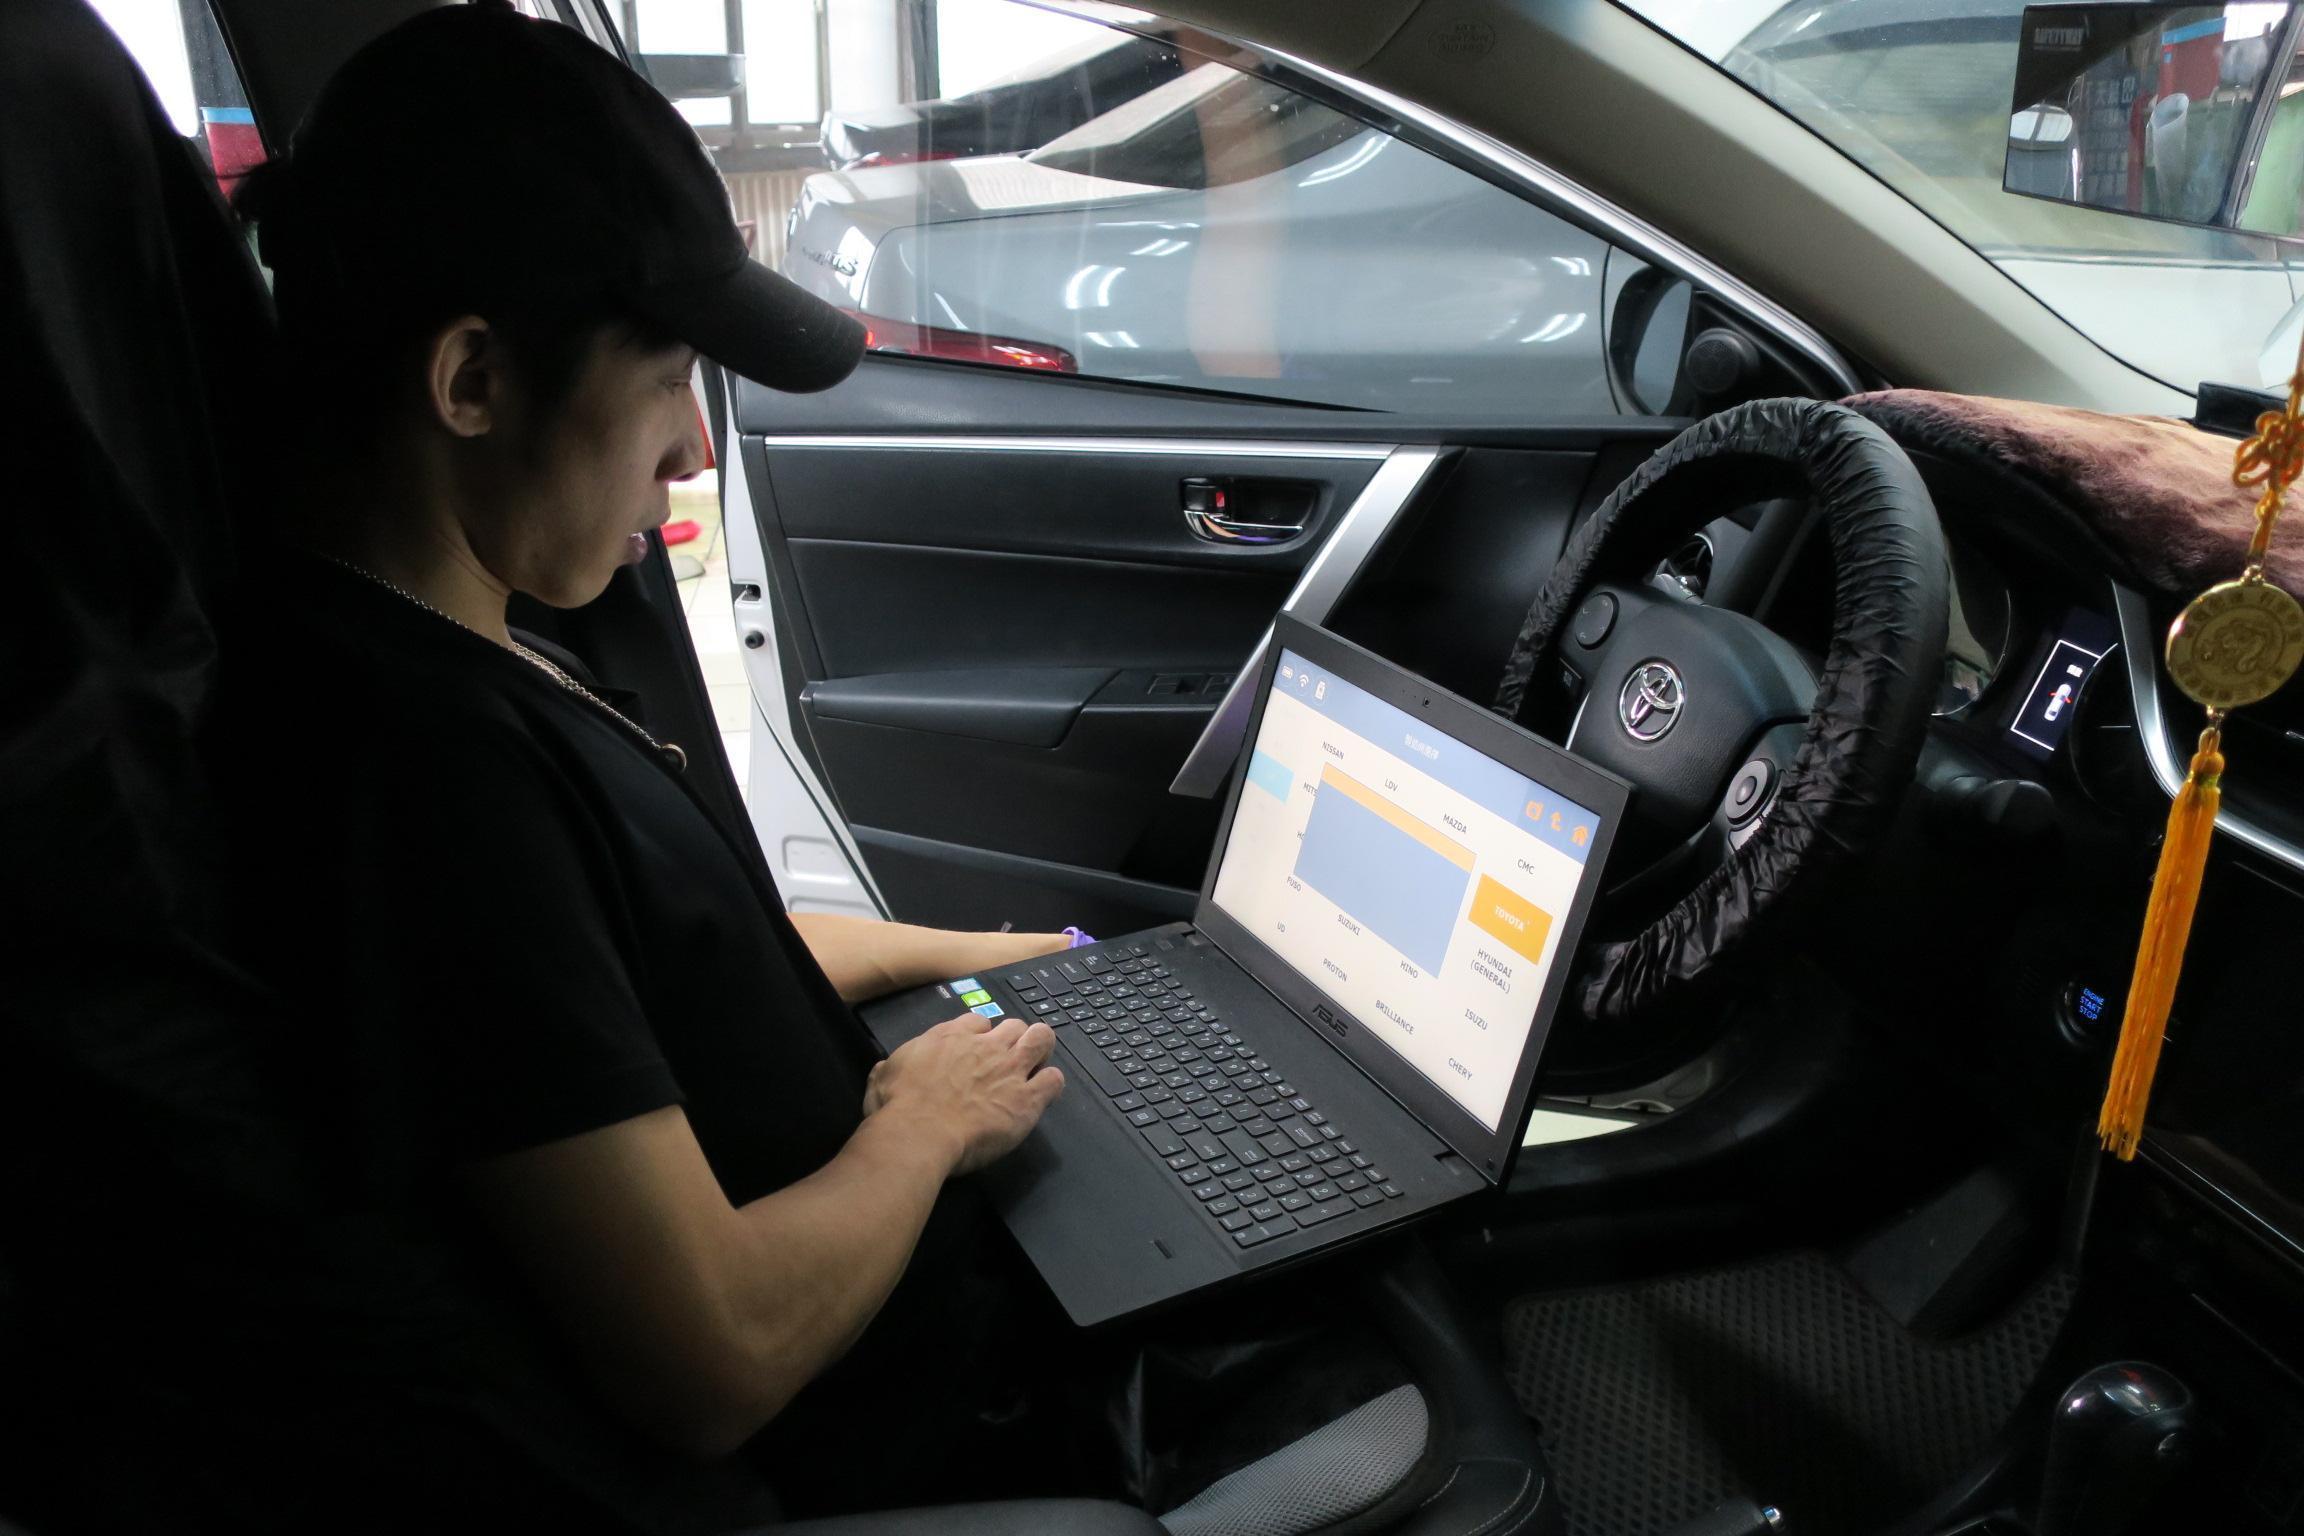 出廠前會再進行電腦故障碼掃描,二次確認無誤後才會進行交車。